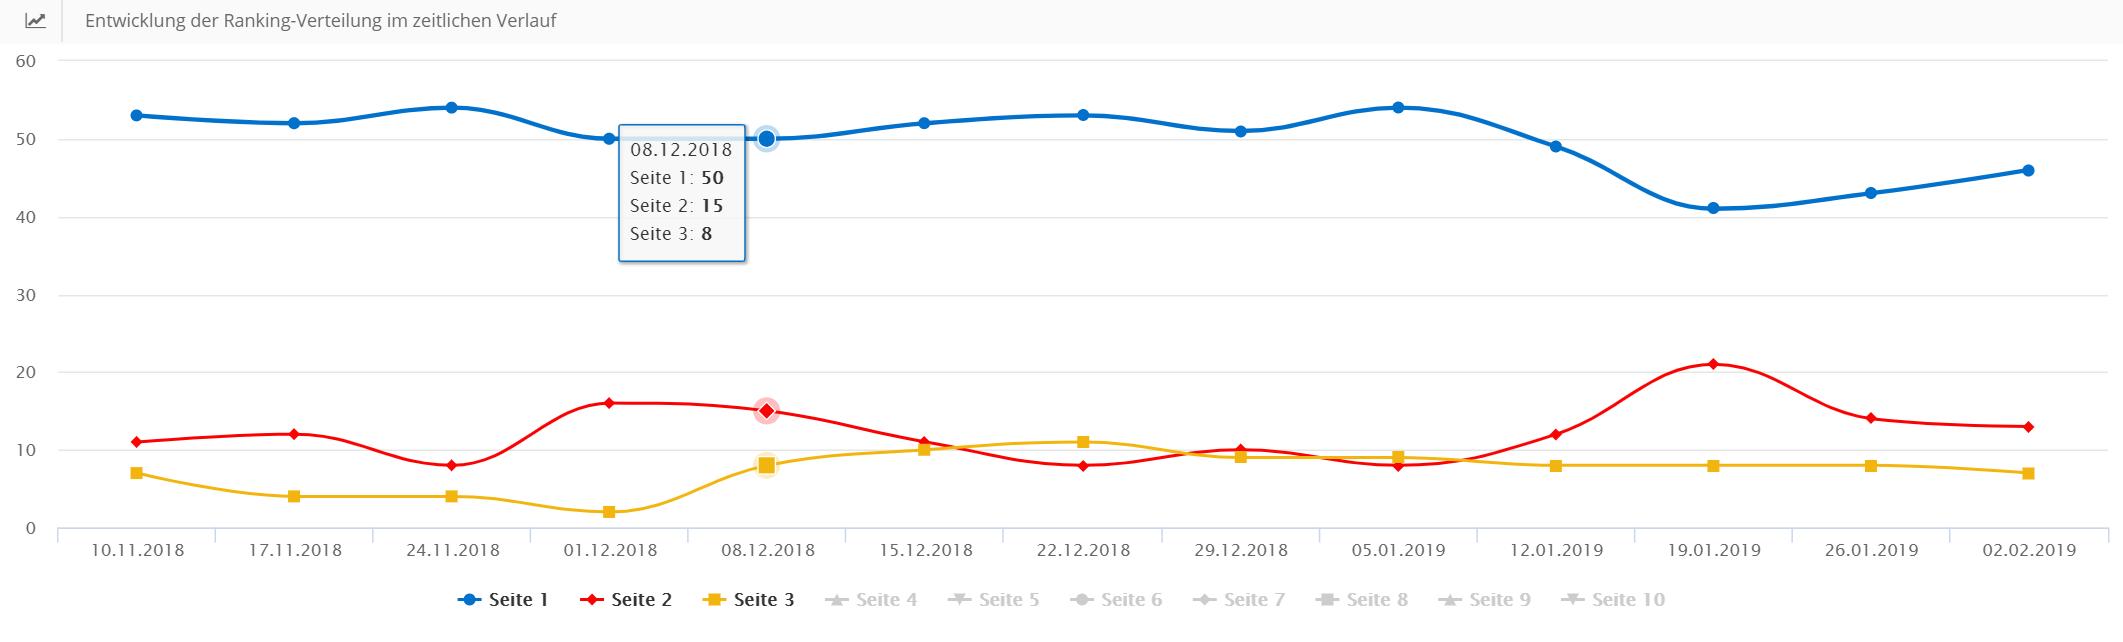 Ranking-Verteilung im Monitoring Modul im Zeitverlauf